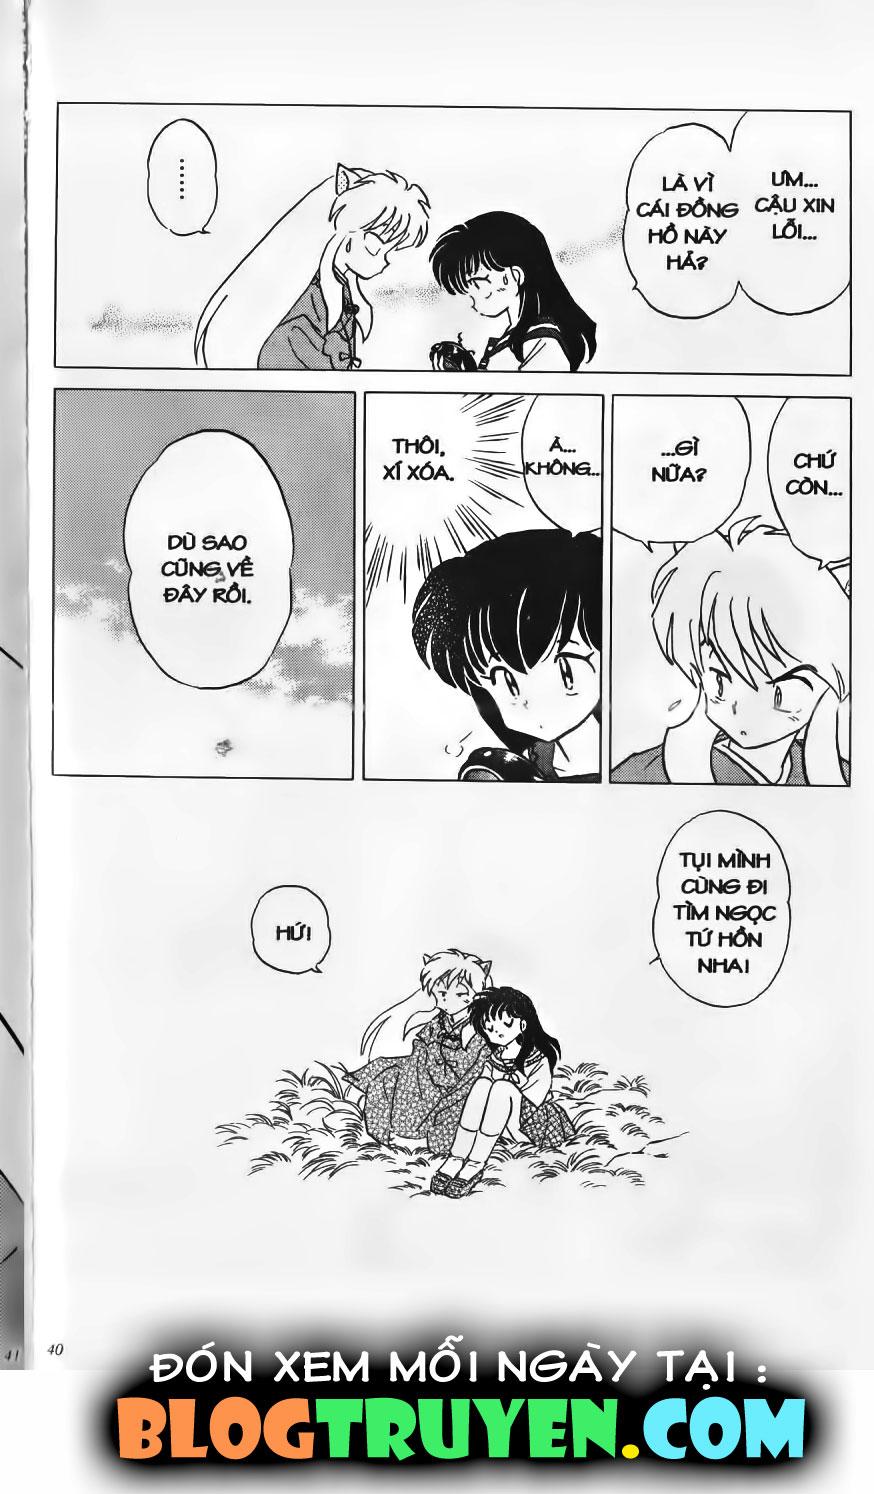 Inuyasha vol 15.2 trang 19